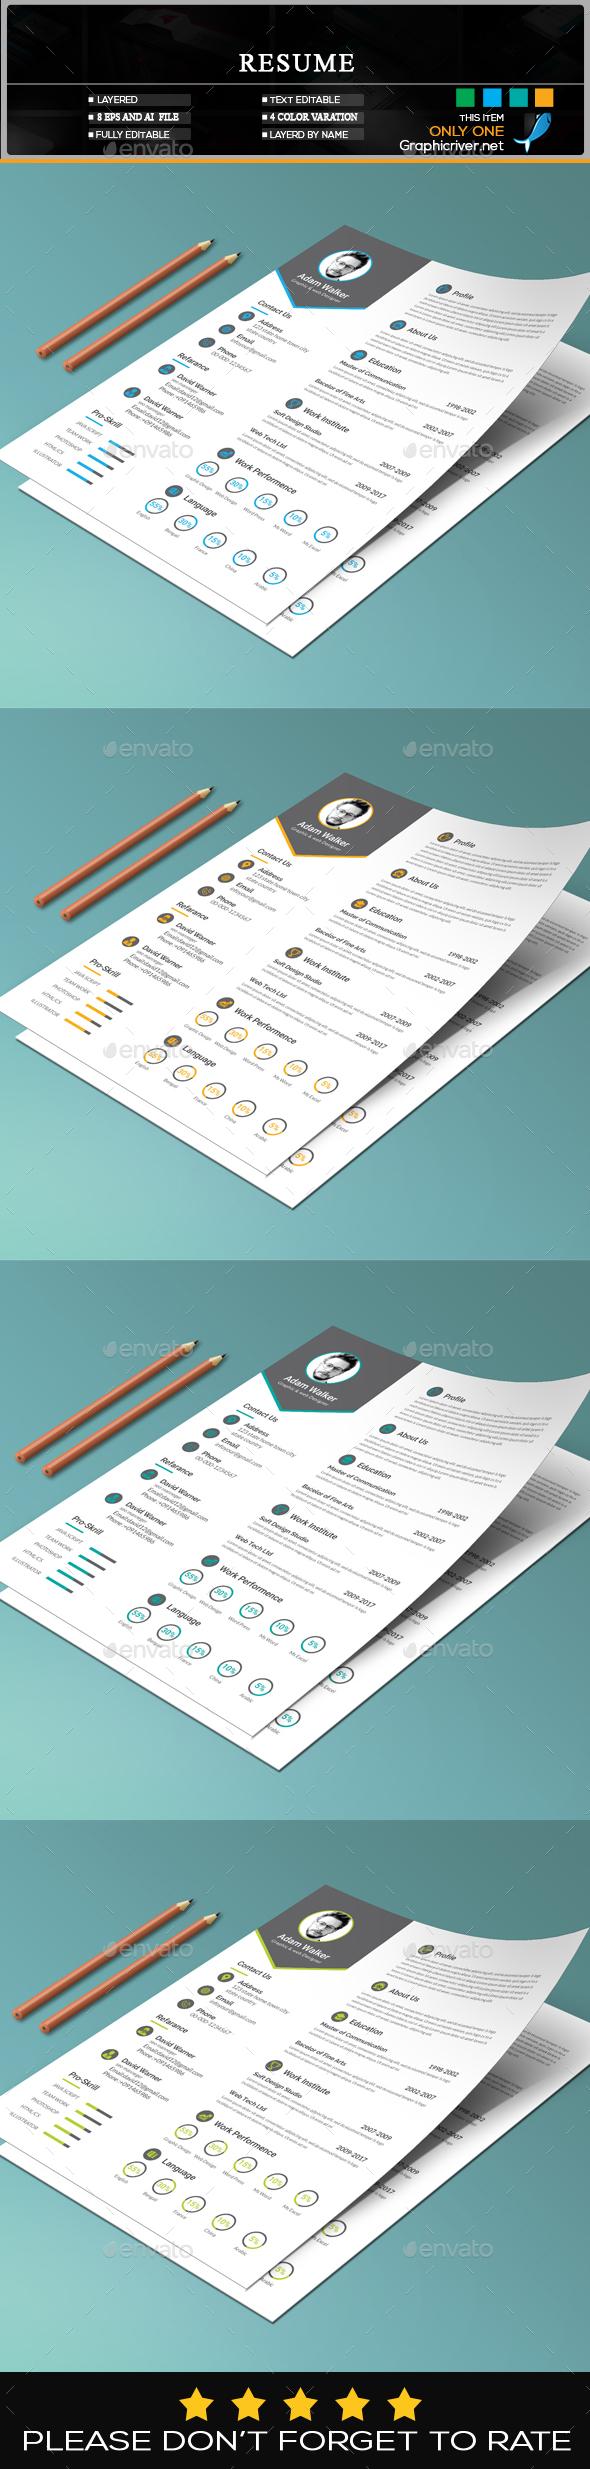 GraphicRiver Resume 20314869